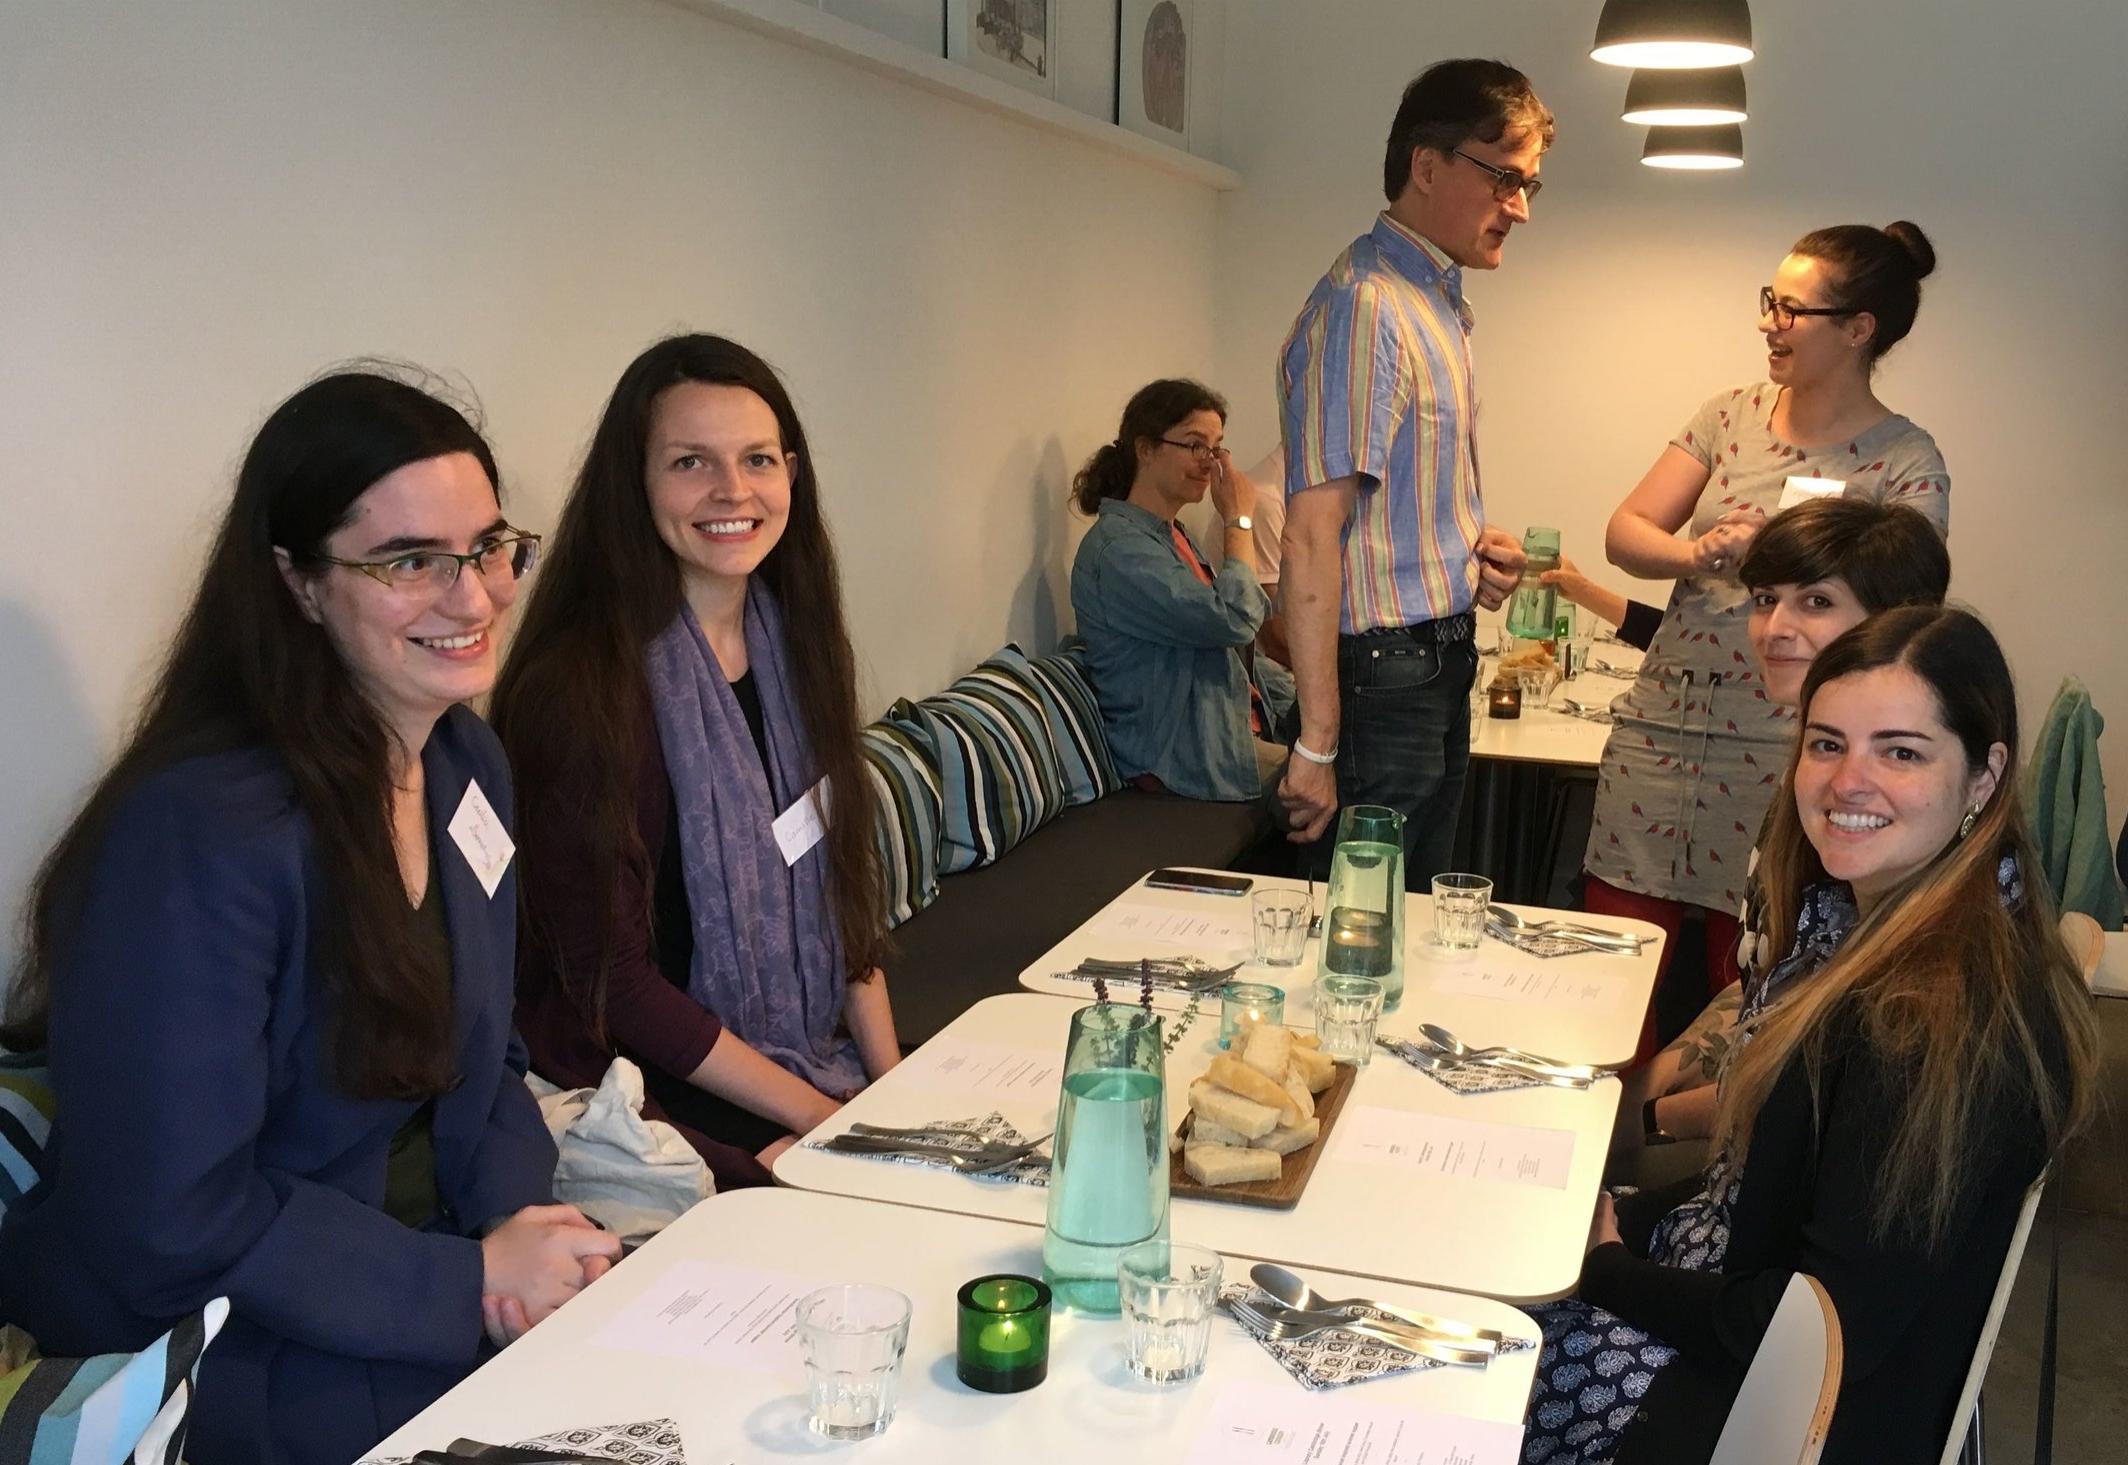 Welcome dinner, Cambridge Cookery School